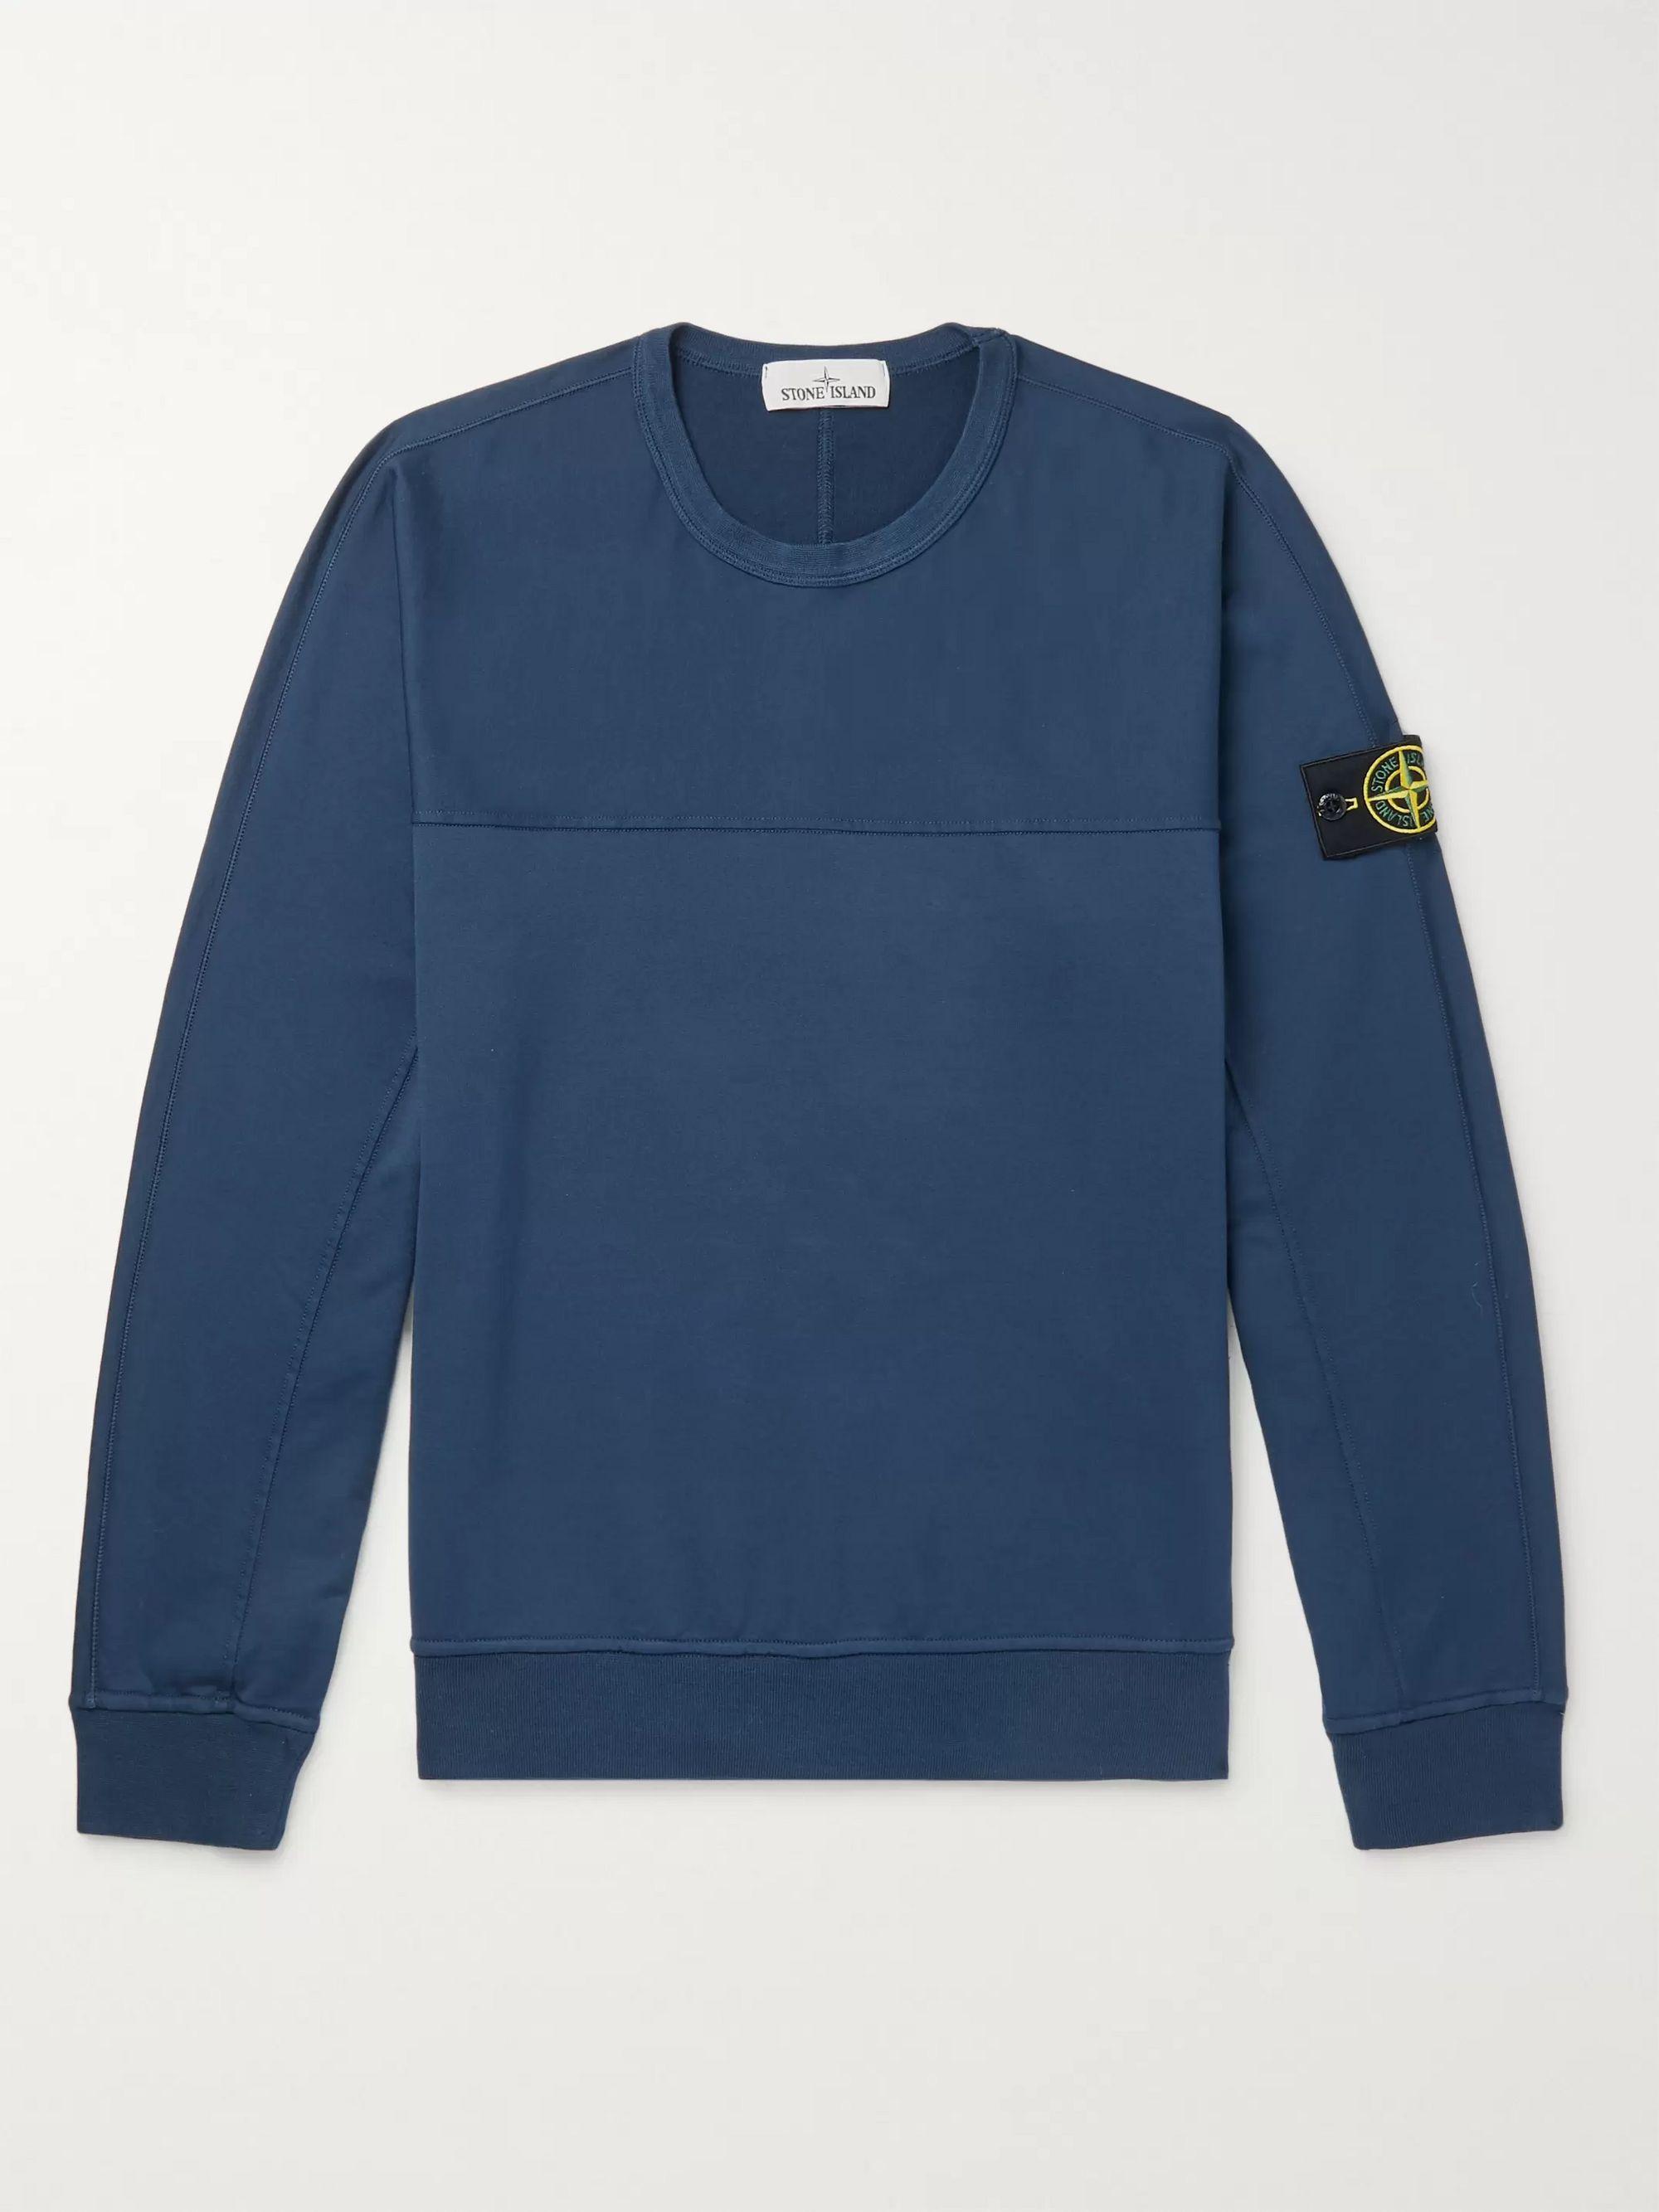 스톤 아일랜드 Stone Island Navy Logo-Appliqued Garment-Dyed Loopback Stretch-Cotton Jersey Sweatshirt,Navy